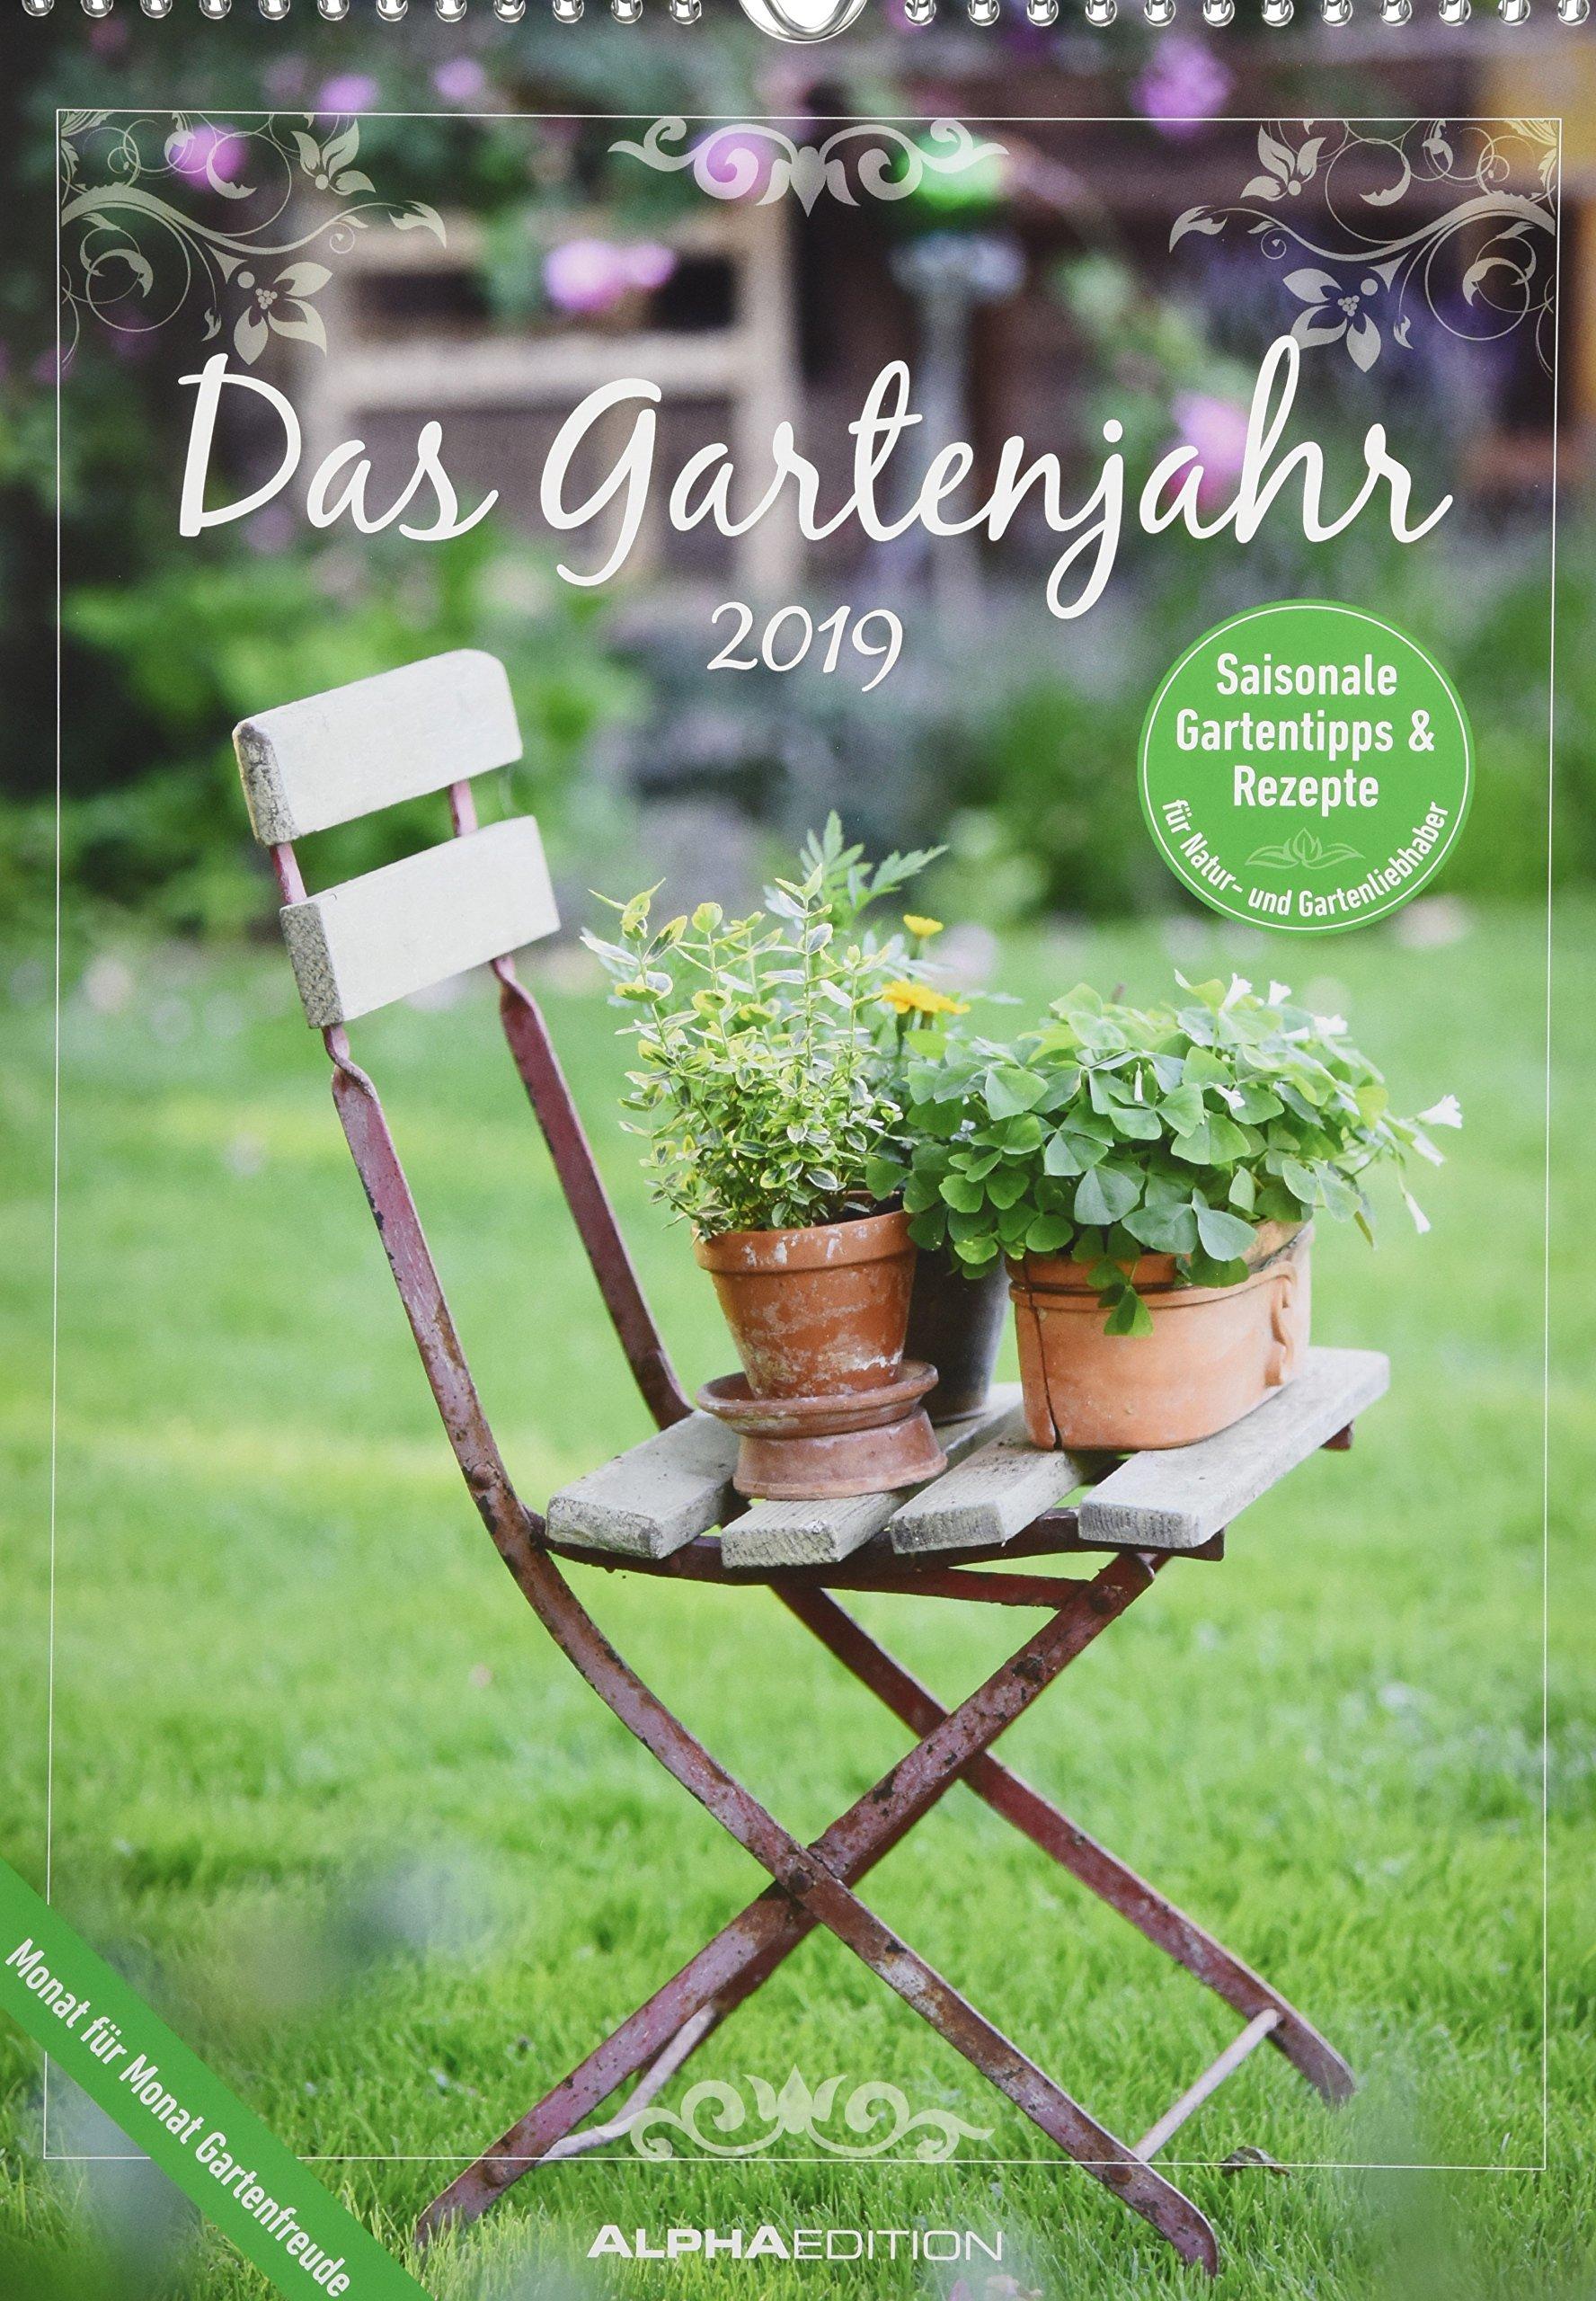 Das Gartenjahr 2019: Monat Für Monat Saisonale Gartentipps Und Rezepte Für  Garten  Und Naturfreunde.   Livros Na Amazon Brasil  9783840792151